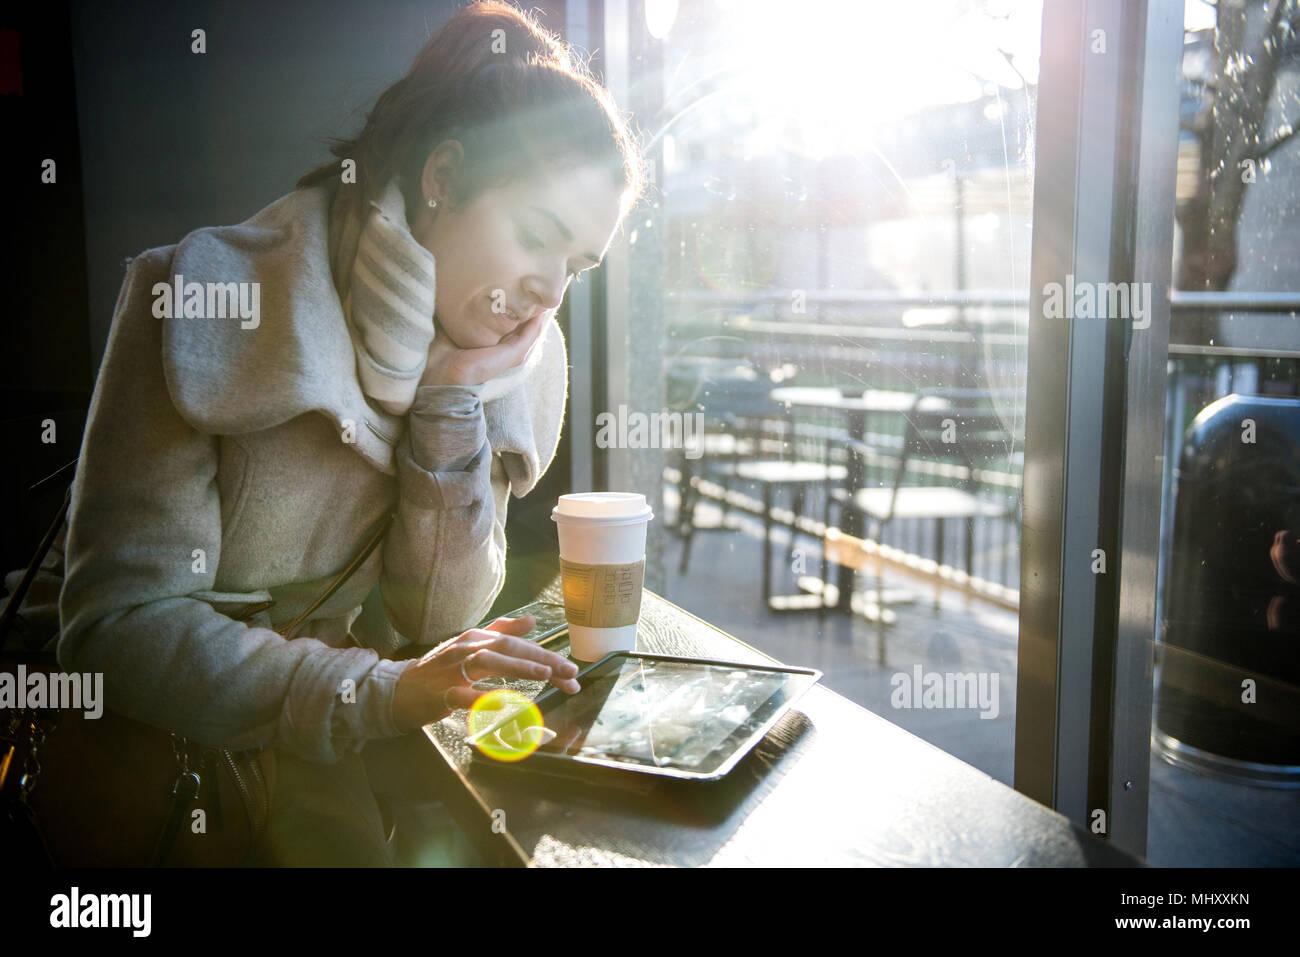 Junge Mädchen im Café sitzen, mit digitalen Tablet, London, England, Großbritannien Stockbild